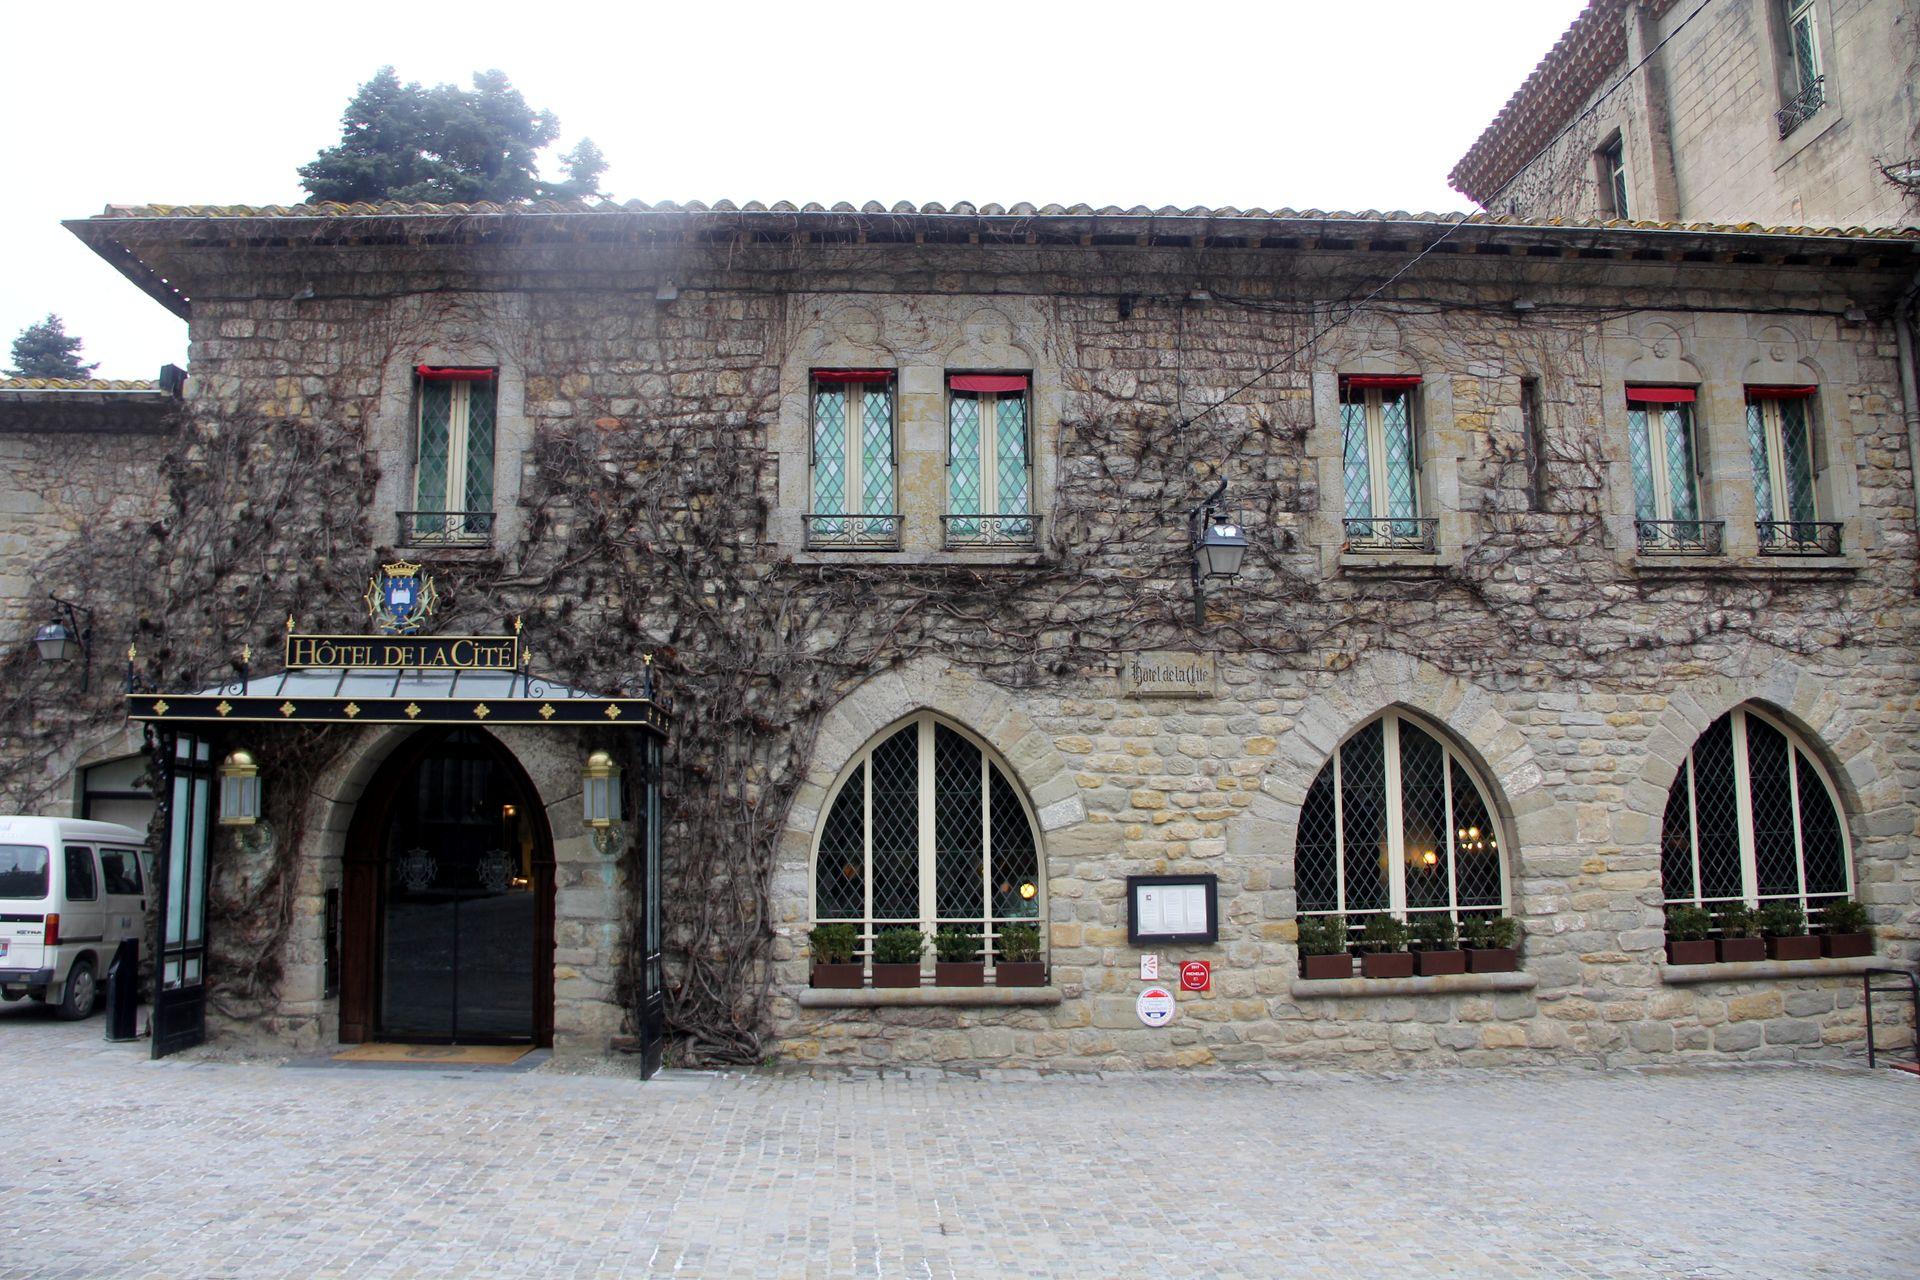 Hotel de la Cite Carcassonne Bar